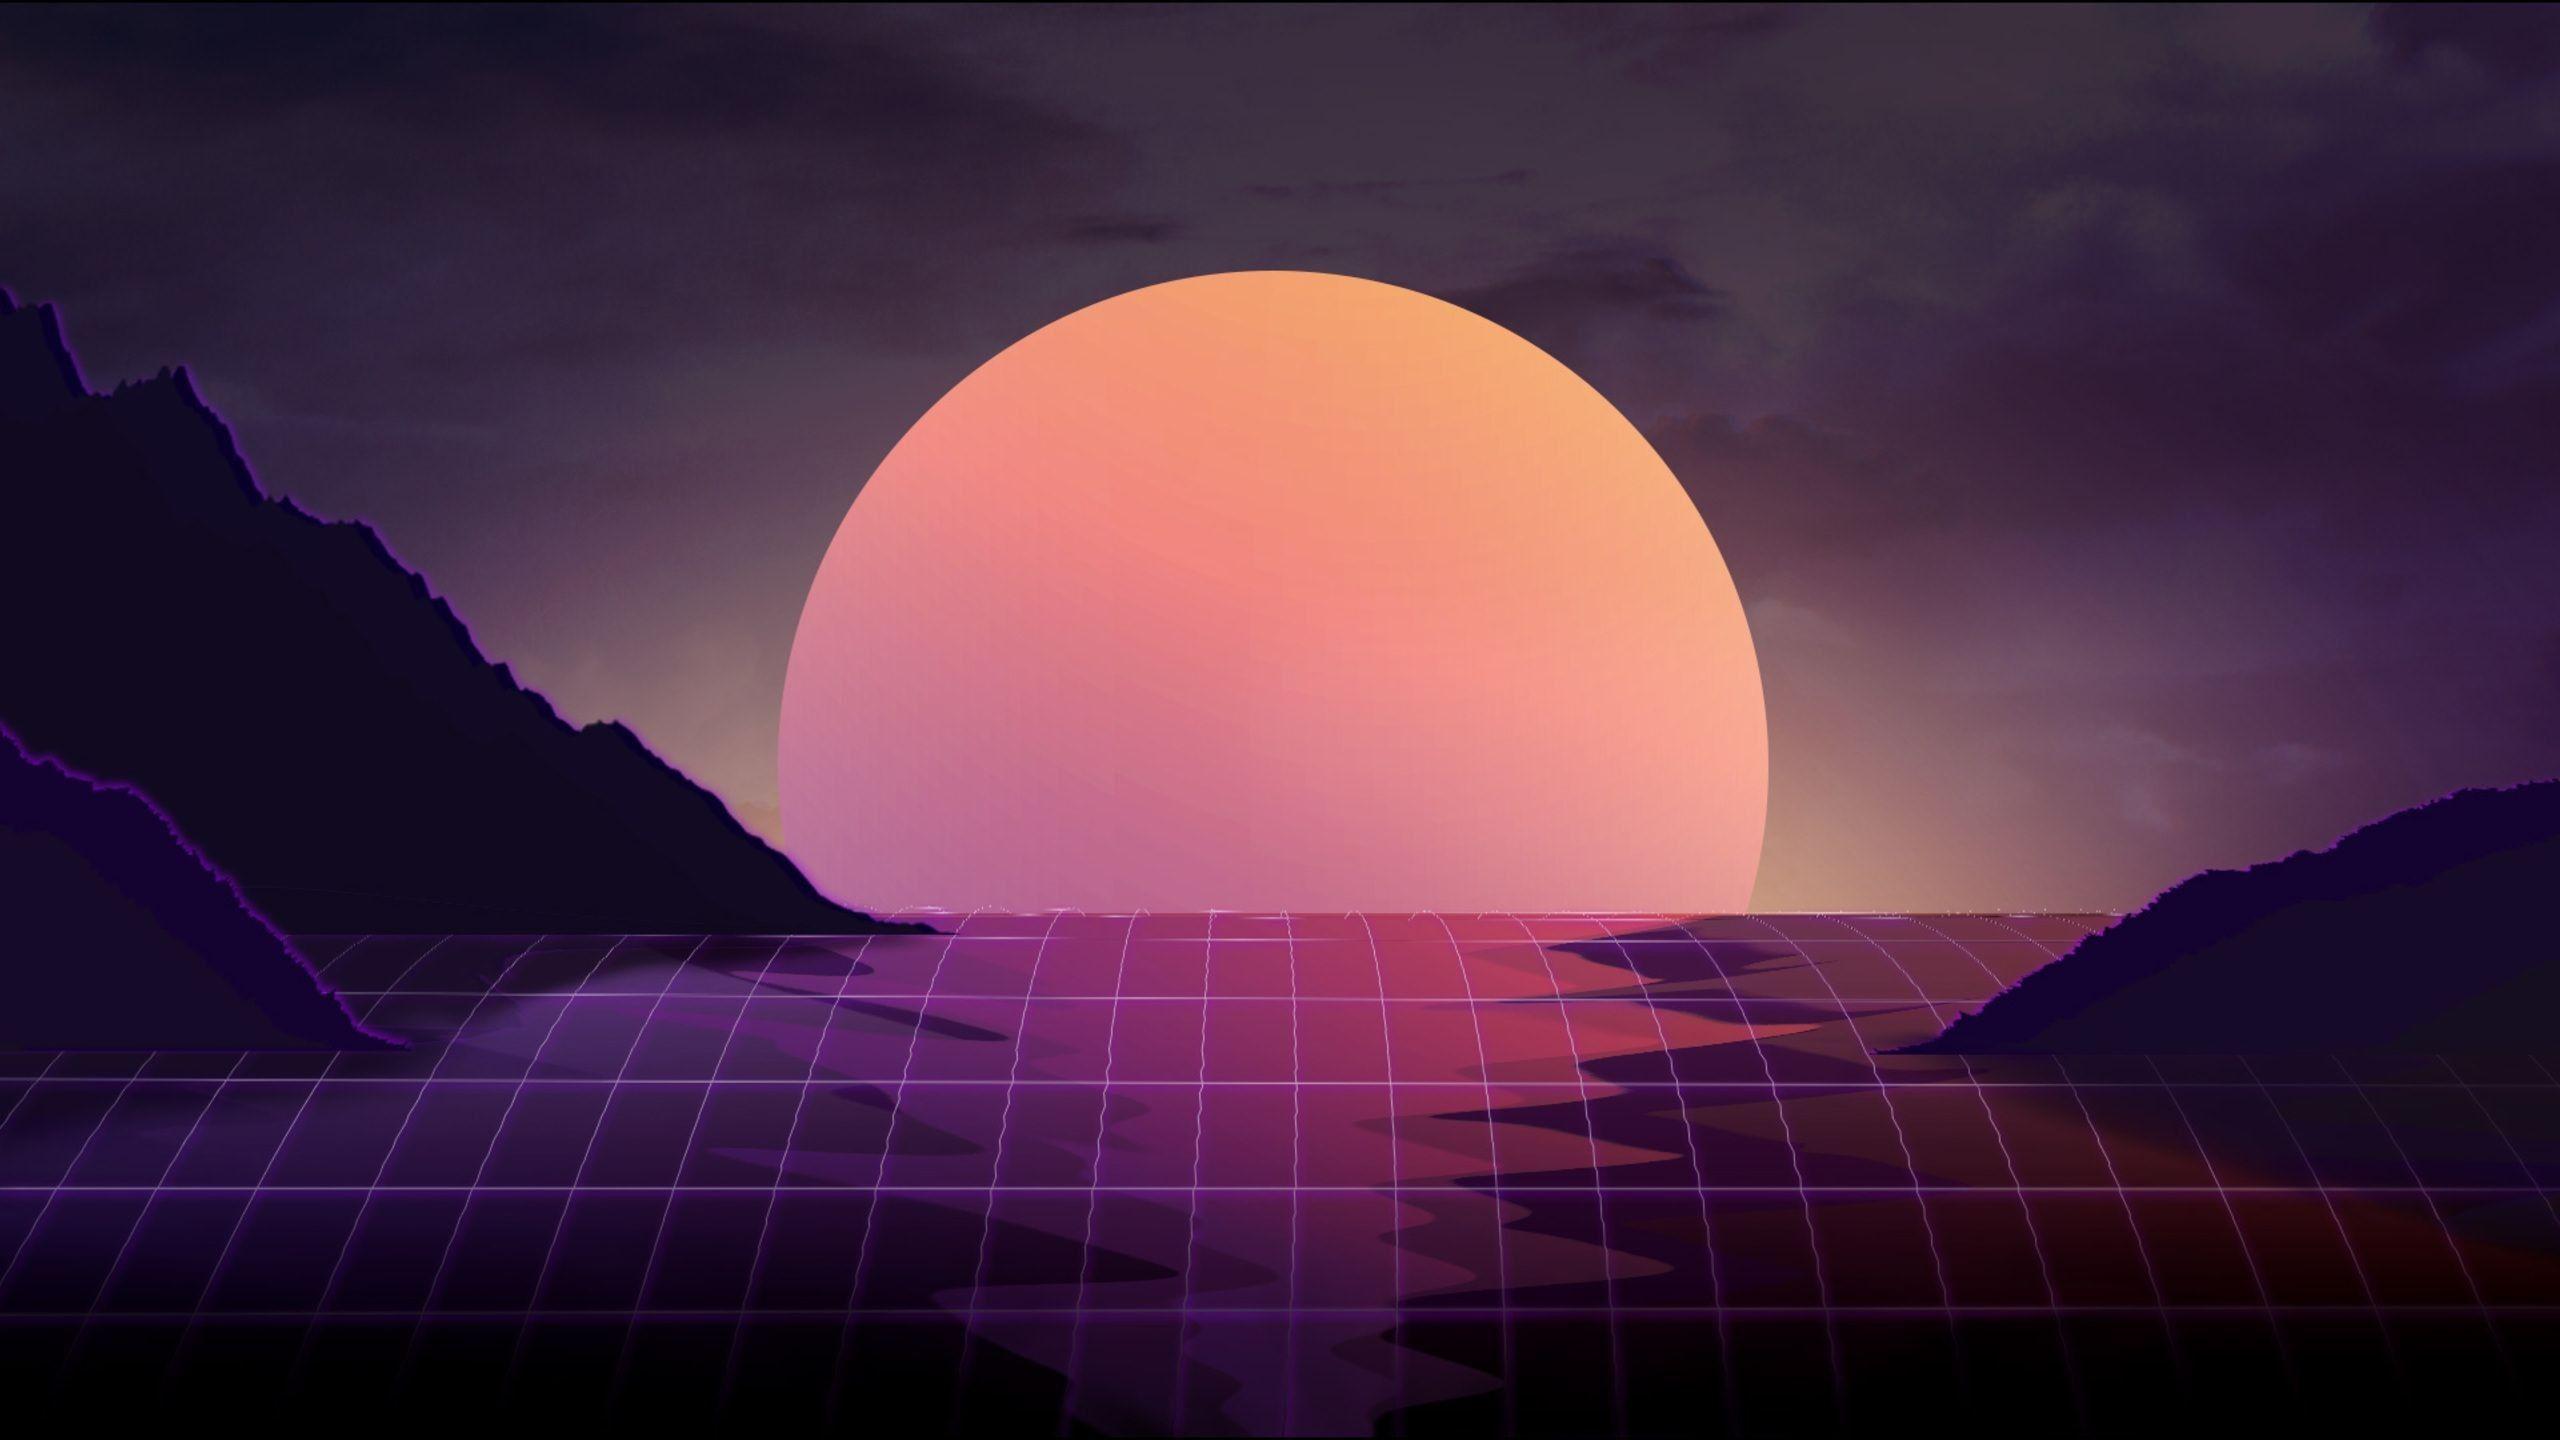 Elegant Vaporwave Wallpaper Desktop Em 2020 Foto 2560x1440 Planos De Fundo Ideias Para Videos Do Youtube